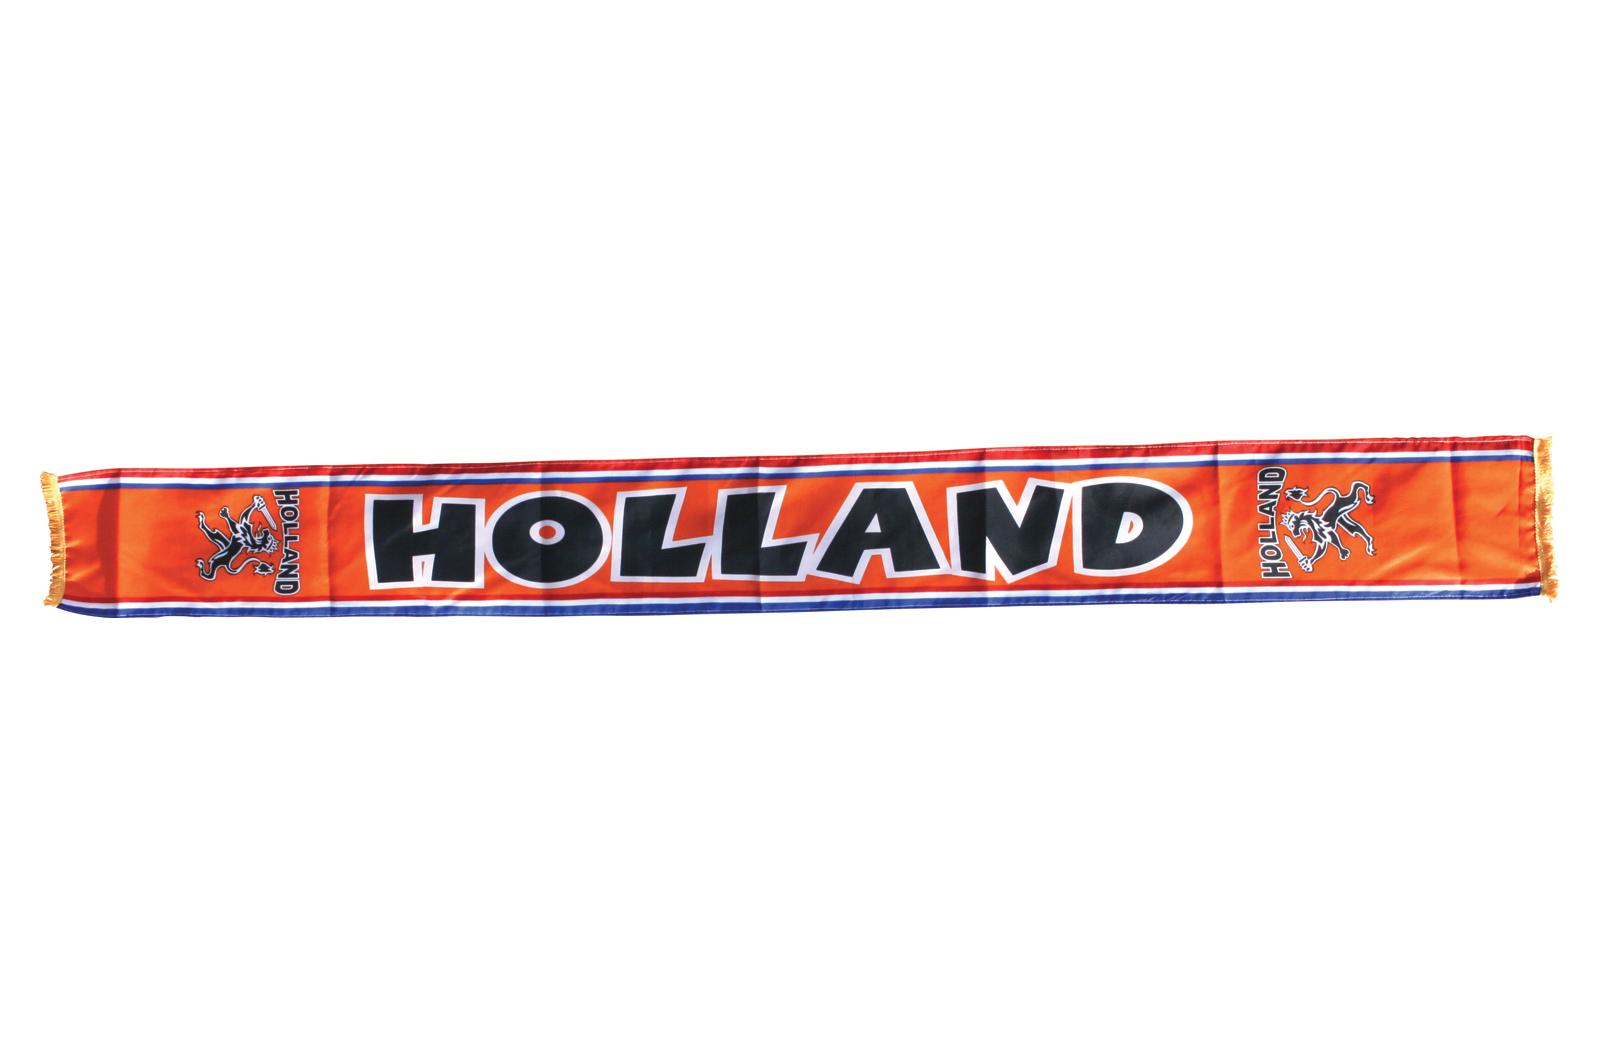 Oranje sjaal met 'Holland' erop.